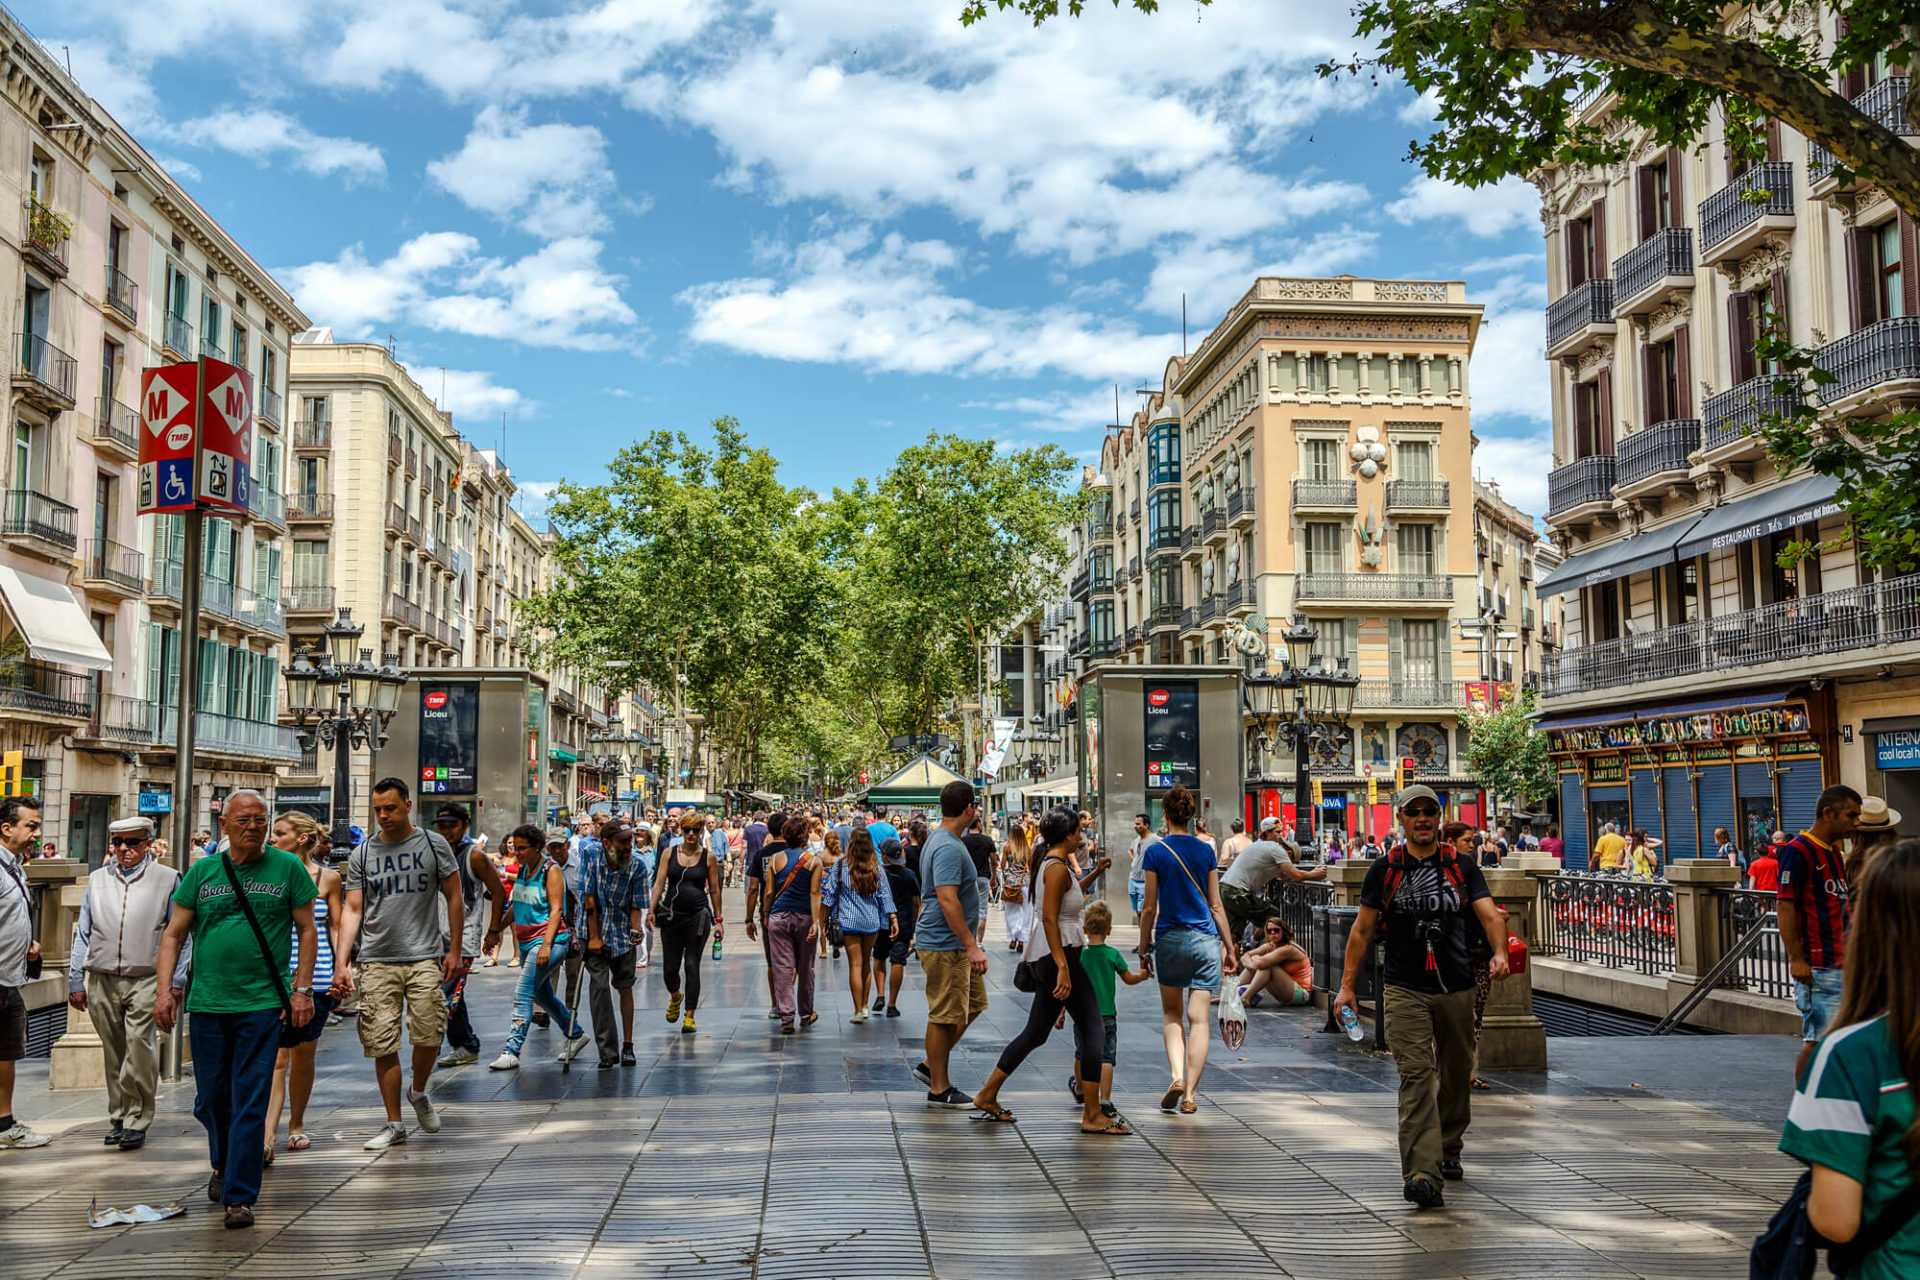 סיורים בברצלונה 2021 - את הסיורים האלו אתם לא רוצים להחמיץ!